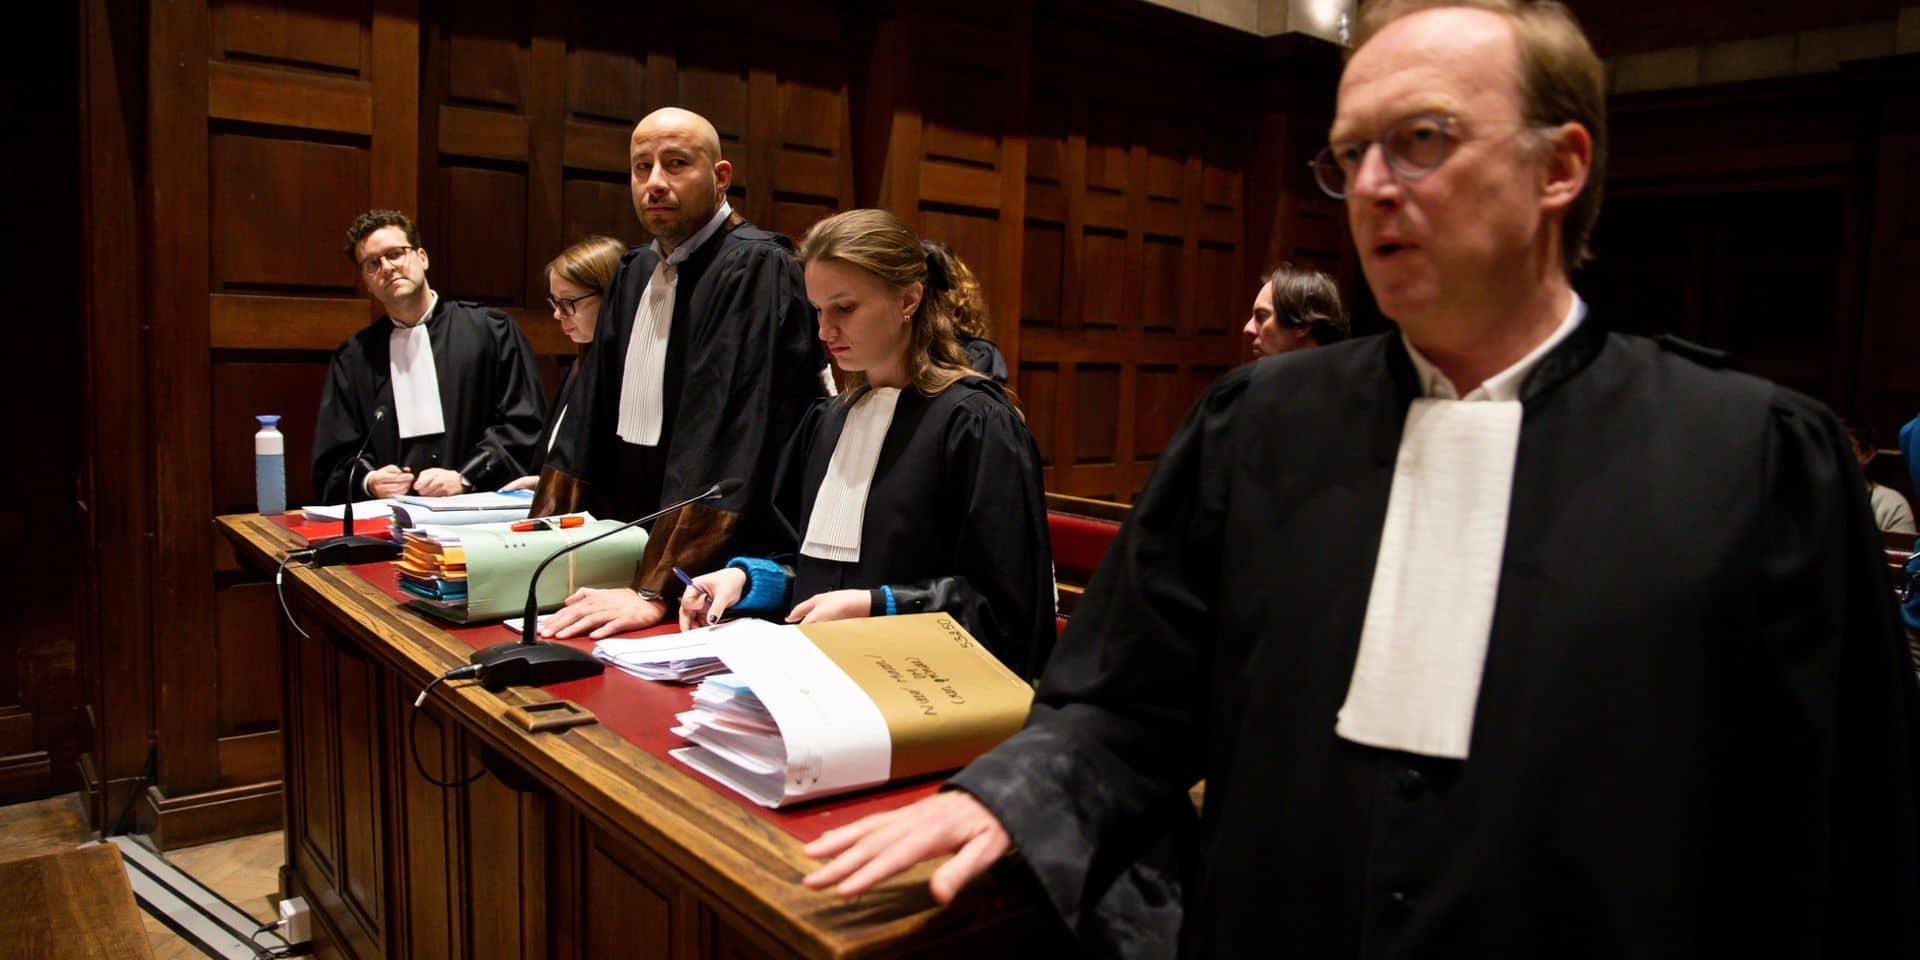 """Dossier de pédopornographie sans précédent en Belgique: le tribunal juge """"le dossier trop important"""" pour le huis clos"""